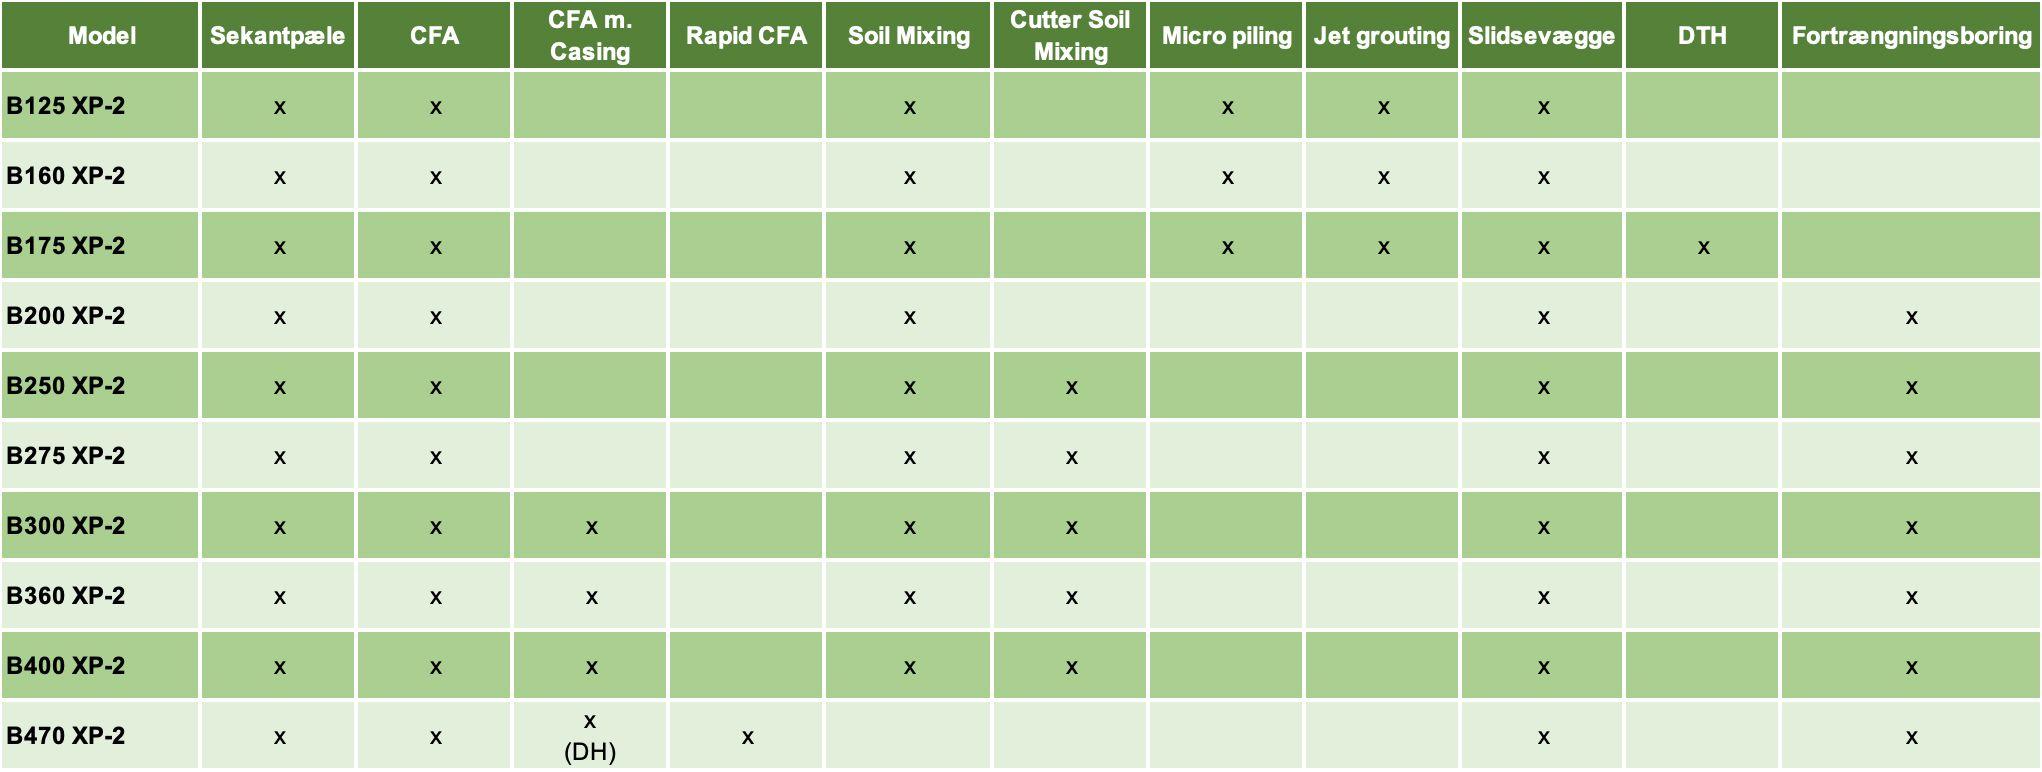 Oversigt over Casagrande borerigge og boreudstyr